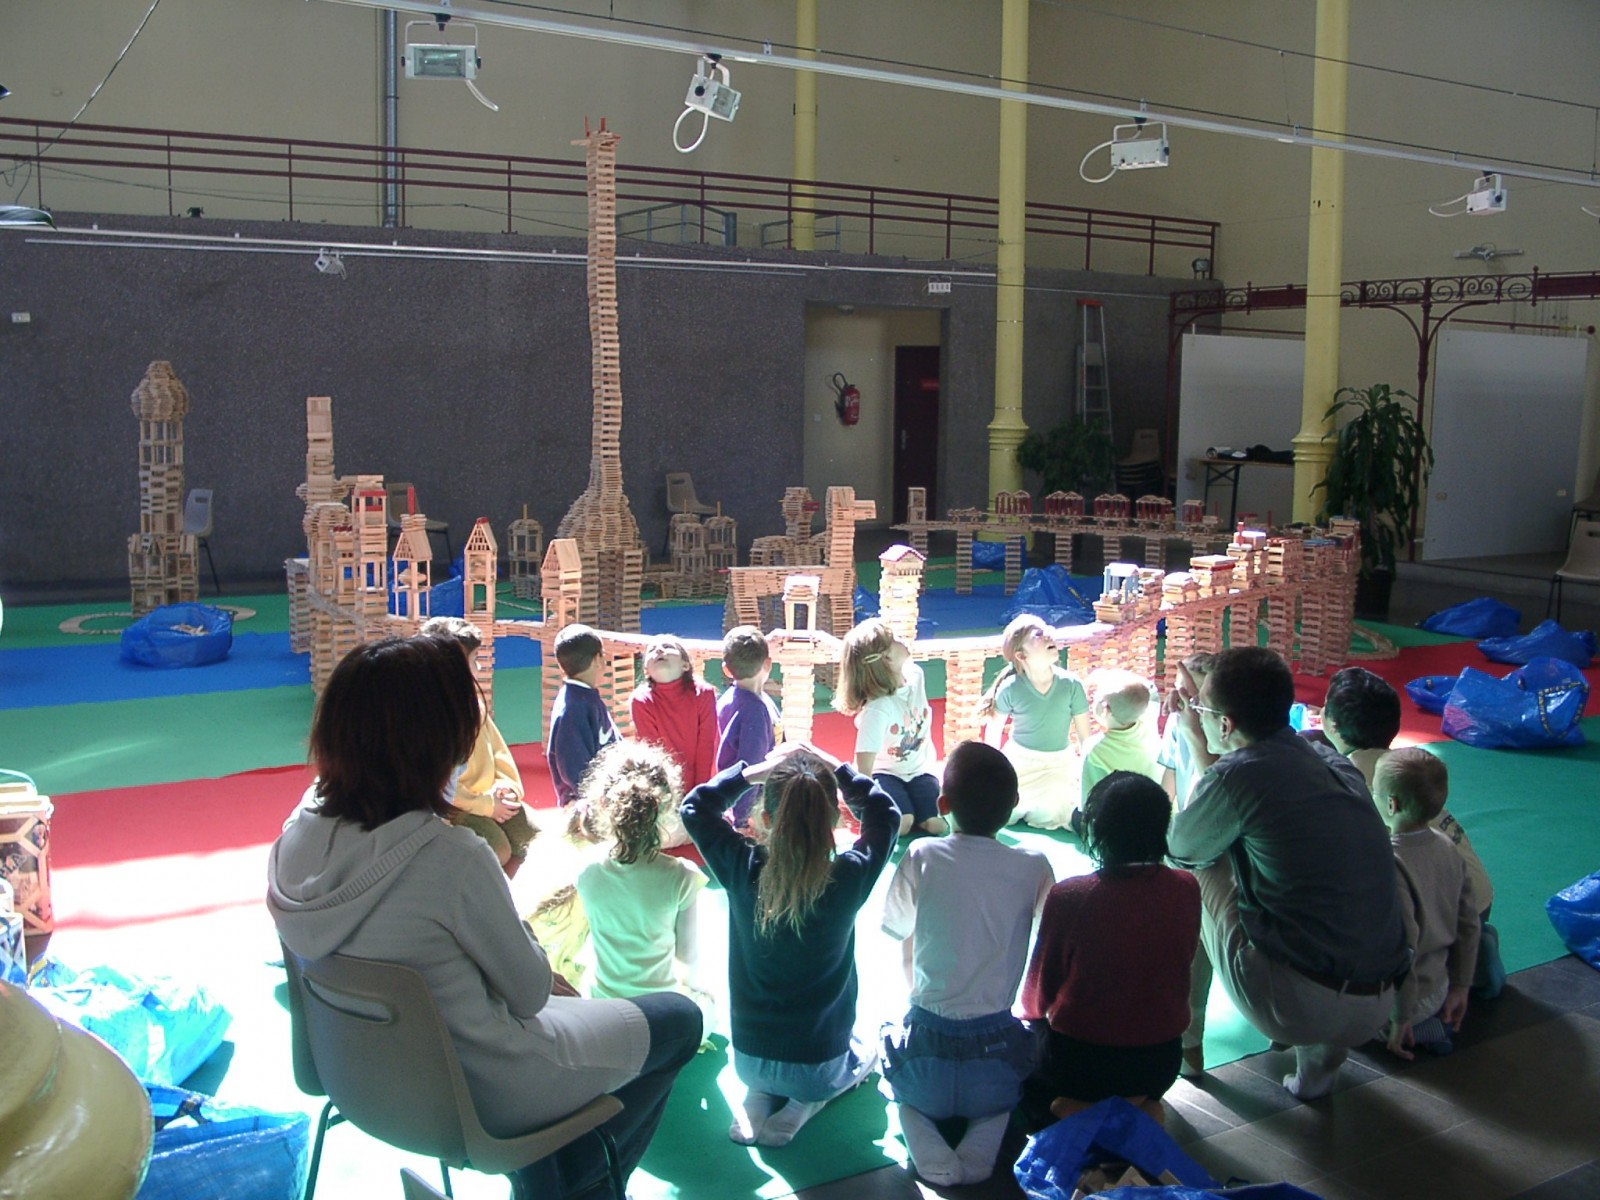 Une classe jouant avec des jeux de construction